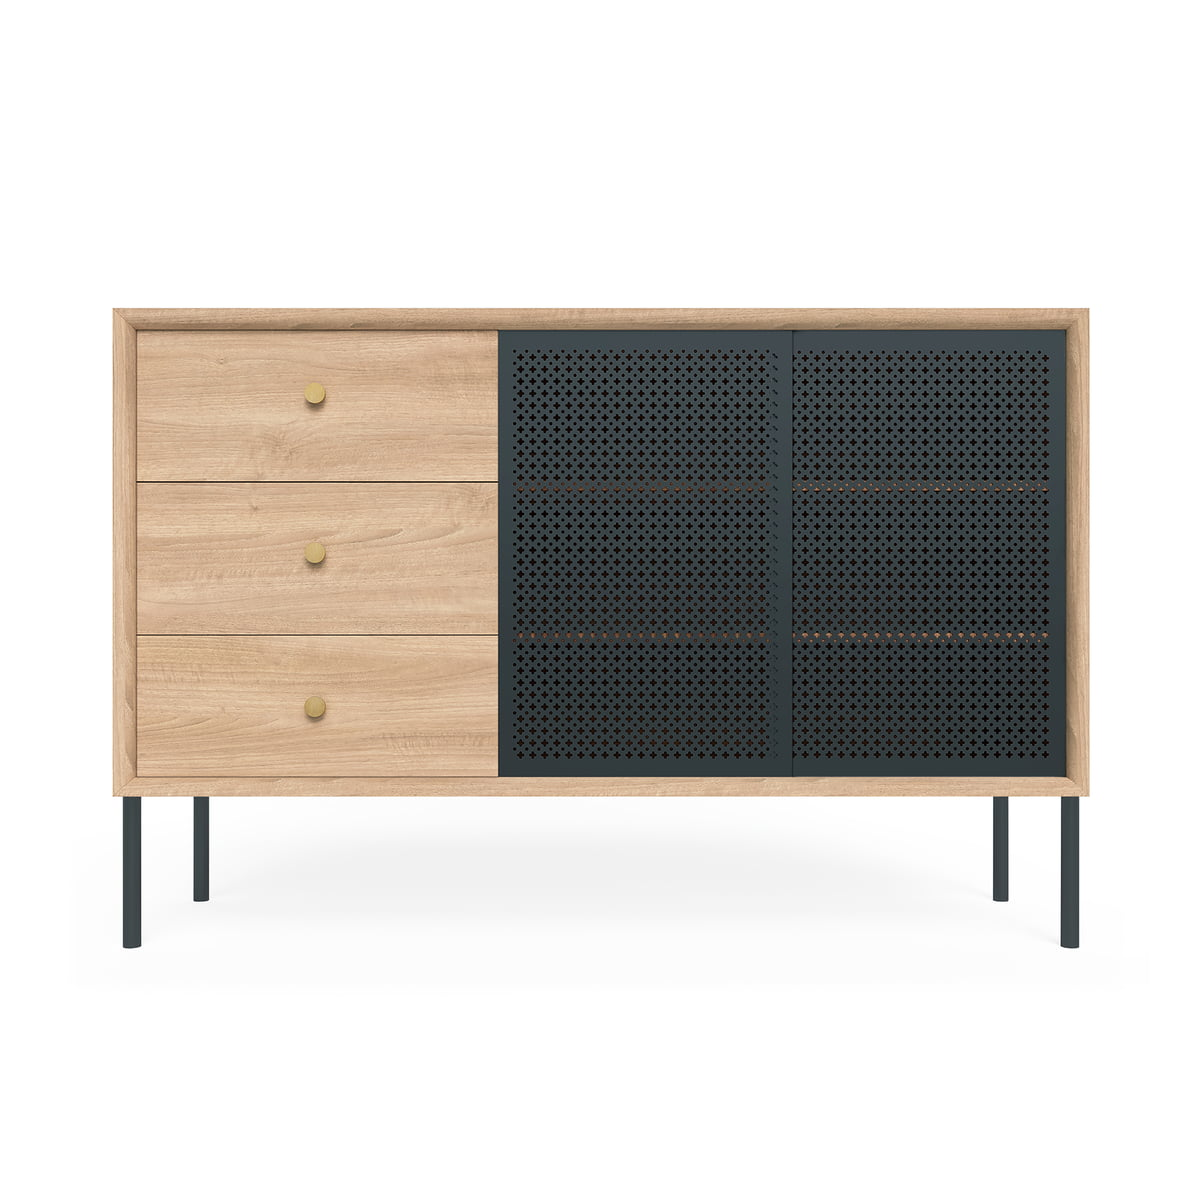 Hartô - Gabin Sideboard hoch mit Schubladen, Eiche / anthrazitgrau (RAL 7016) | Wohnzimmer > Schränke > Sideboards | Anthrazitgrau (ral 7016) | Hartô